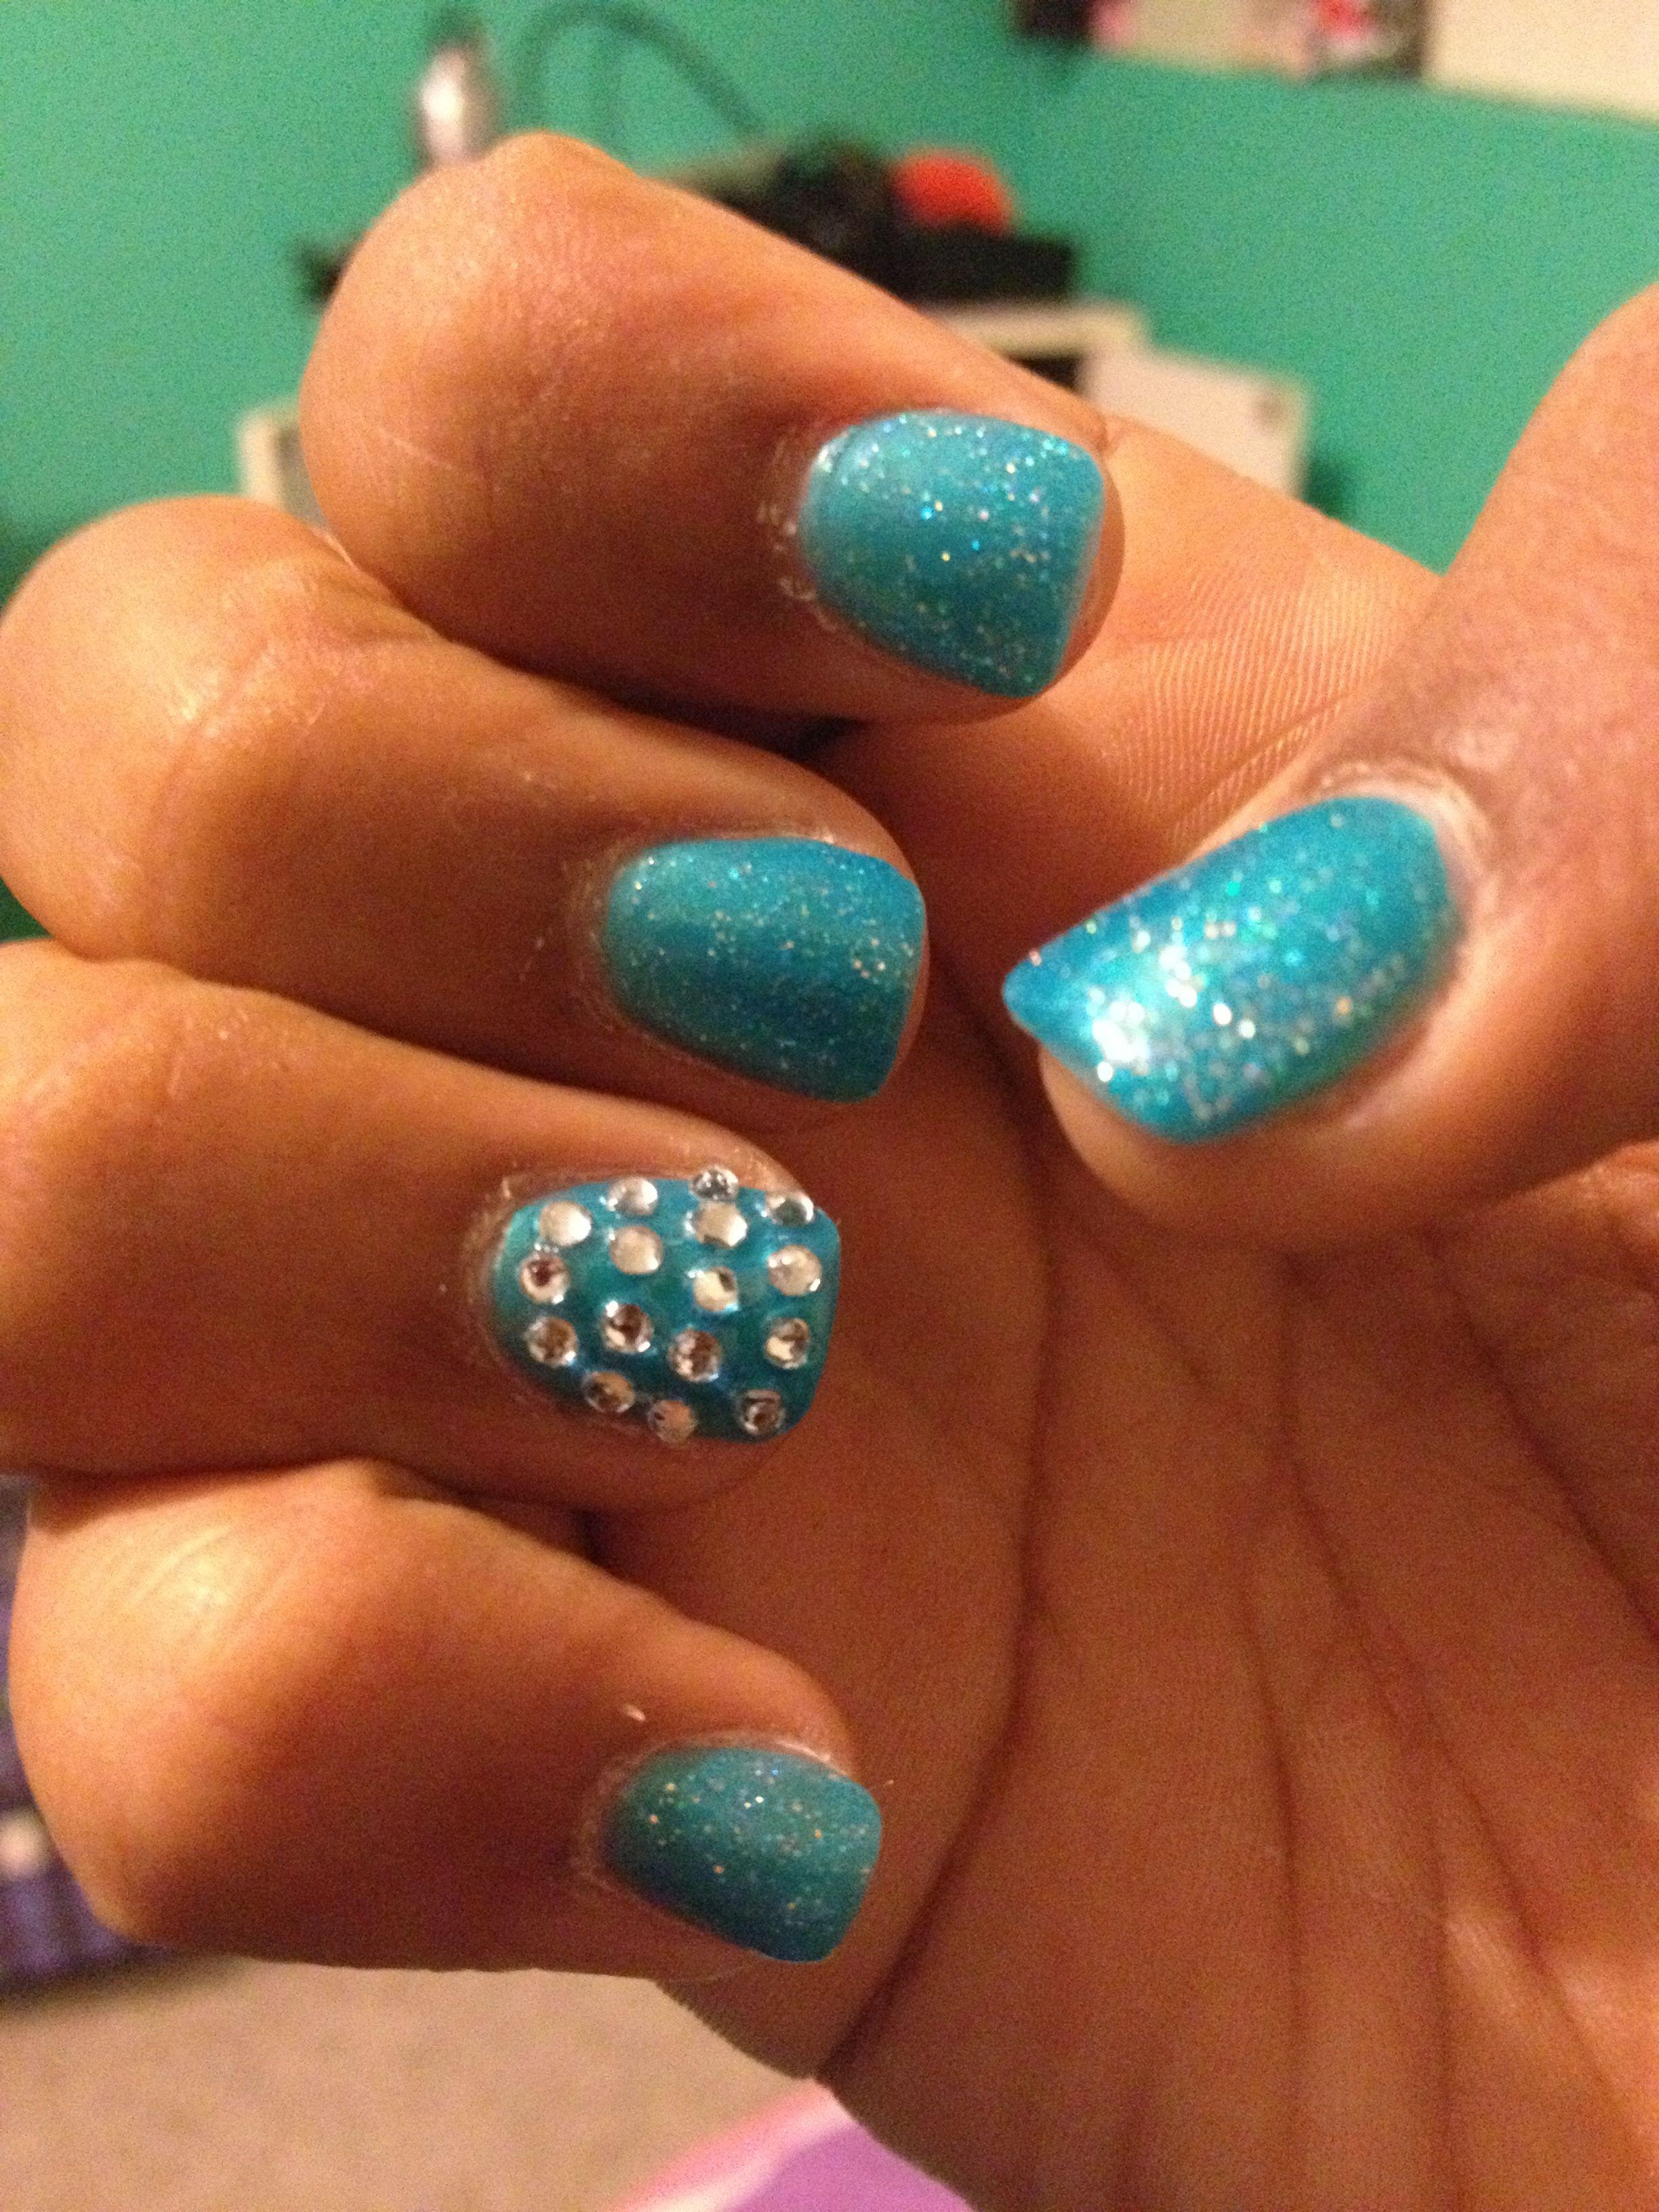 Nails, acrylics, accent nail, rhinestones, pretty, cute, fake nails ...